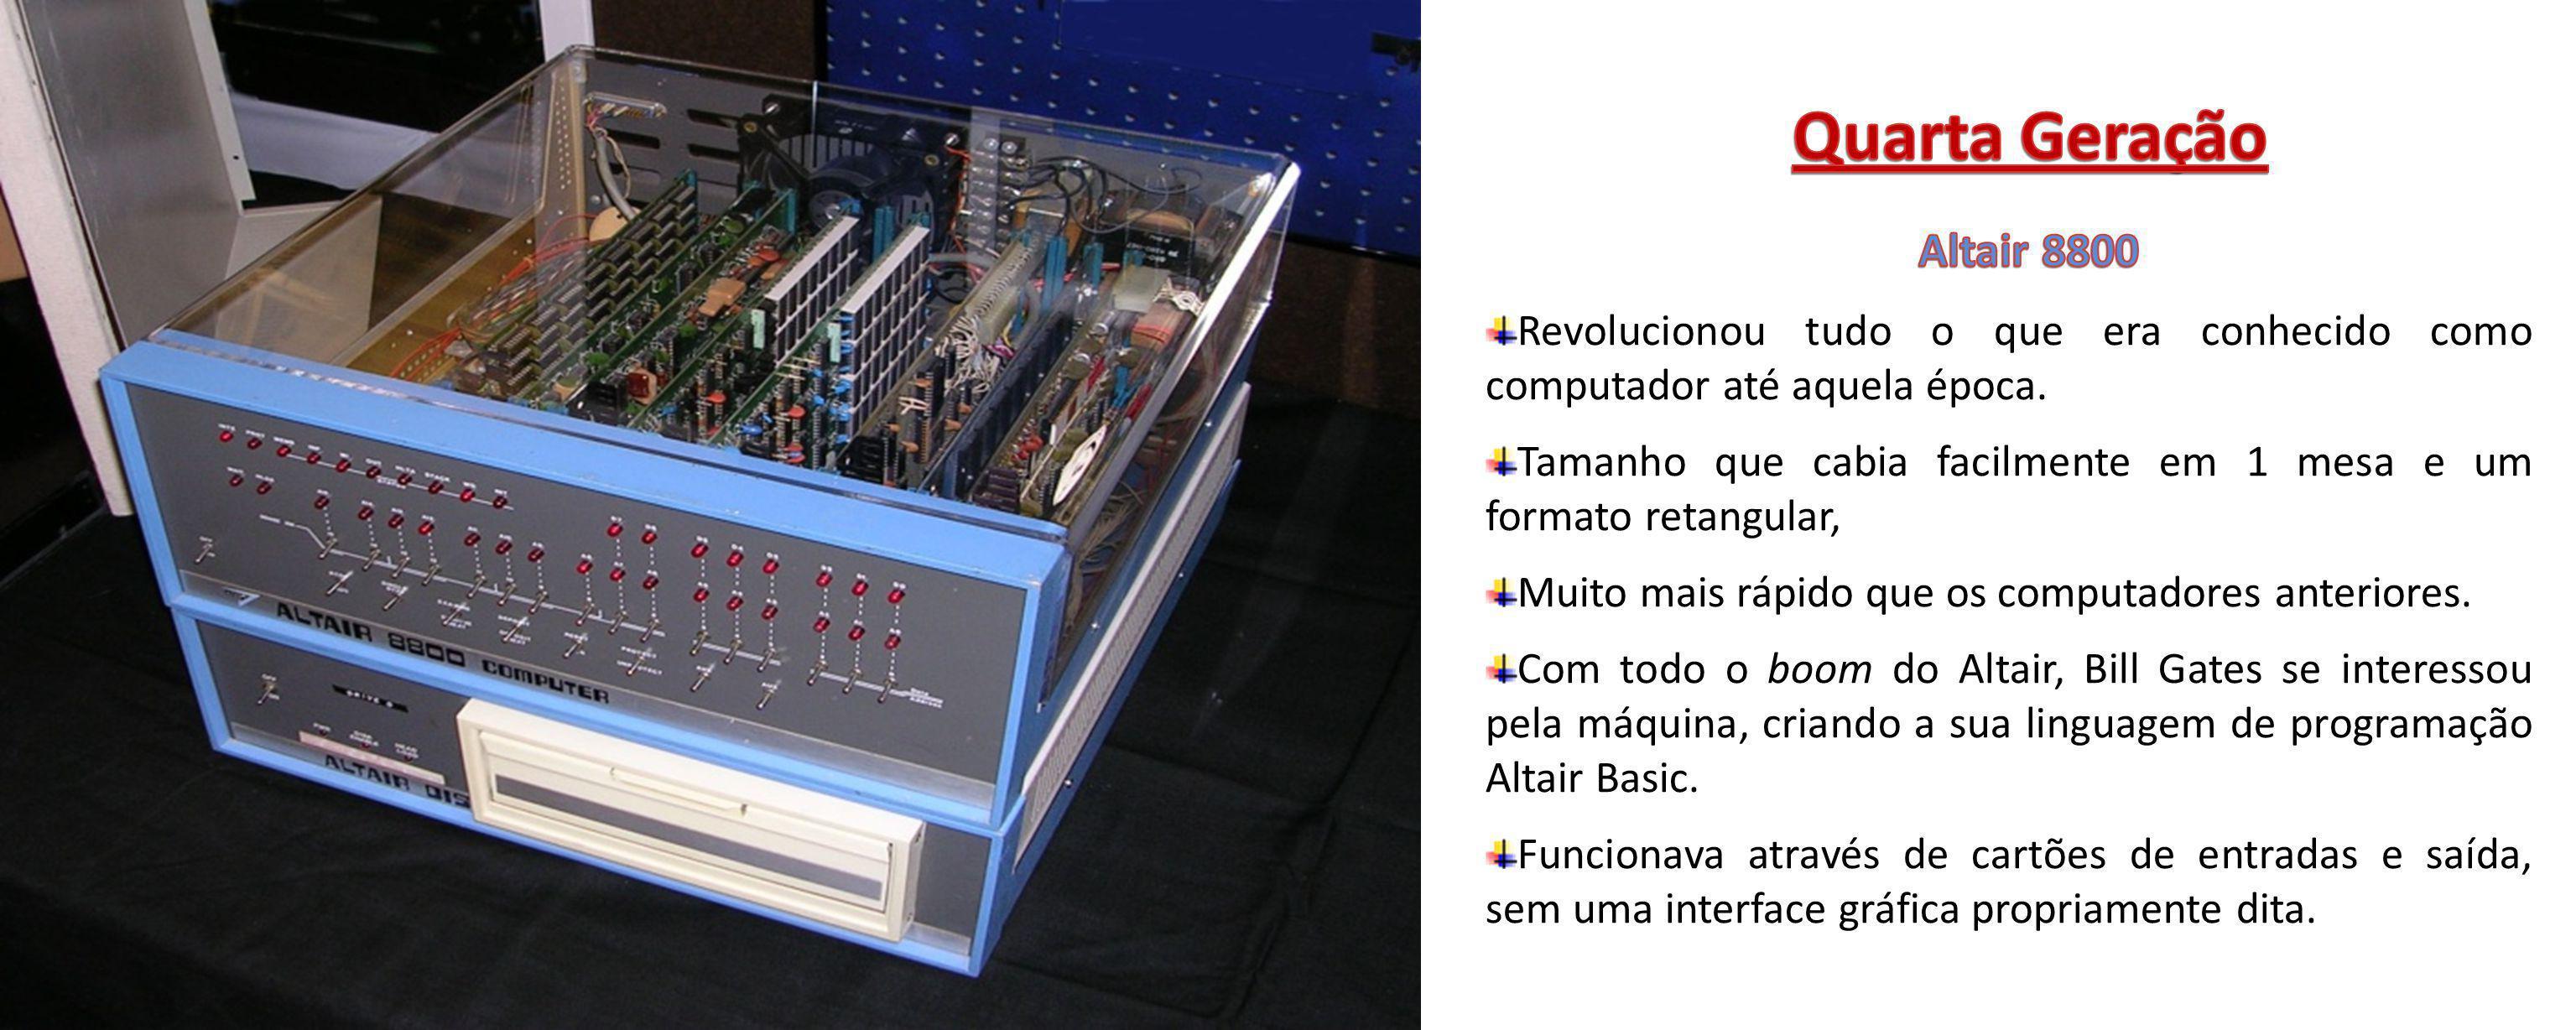 Quarta Geração Altair 8800. Revolucionou tudo o que era conhecido como computador até aquela época.